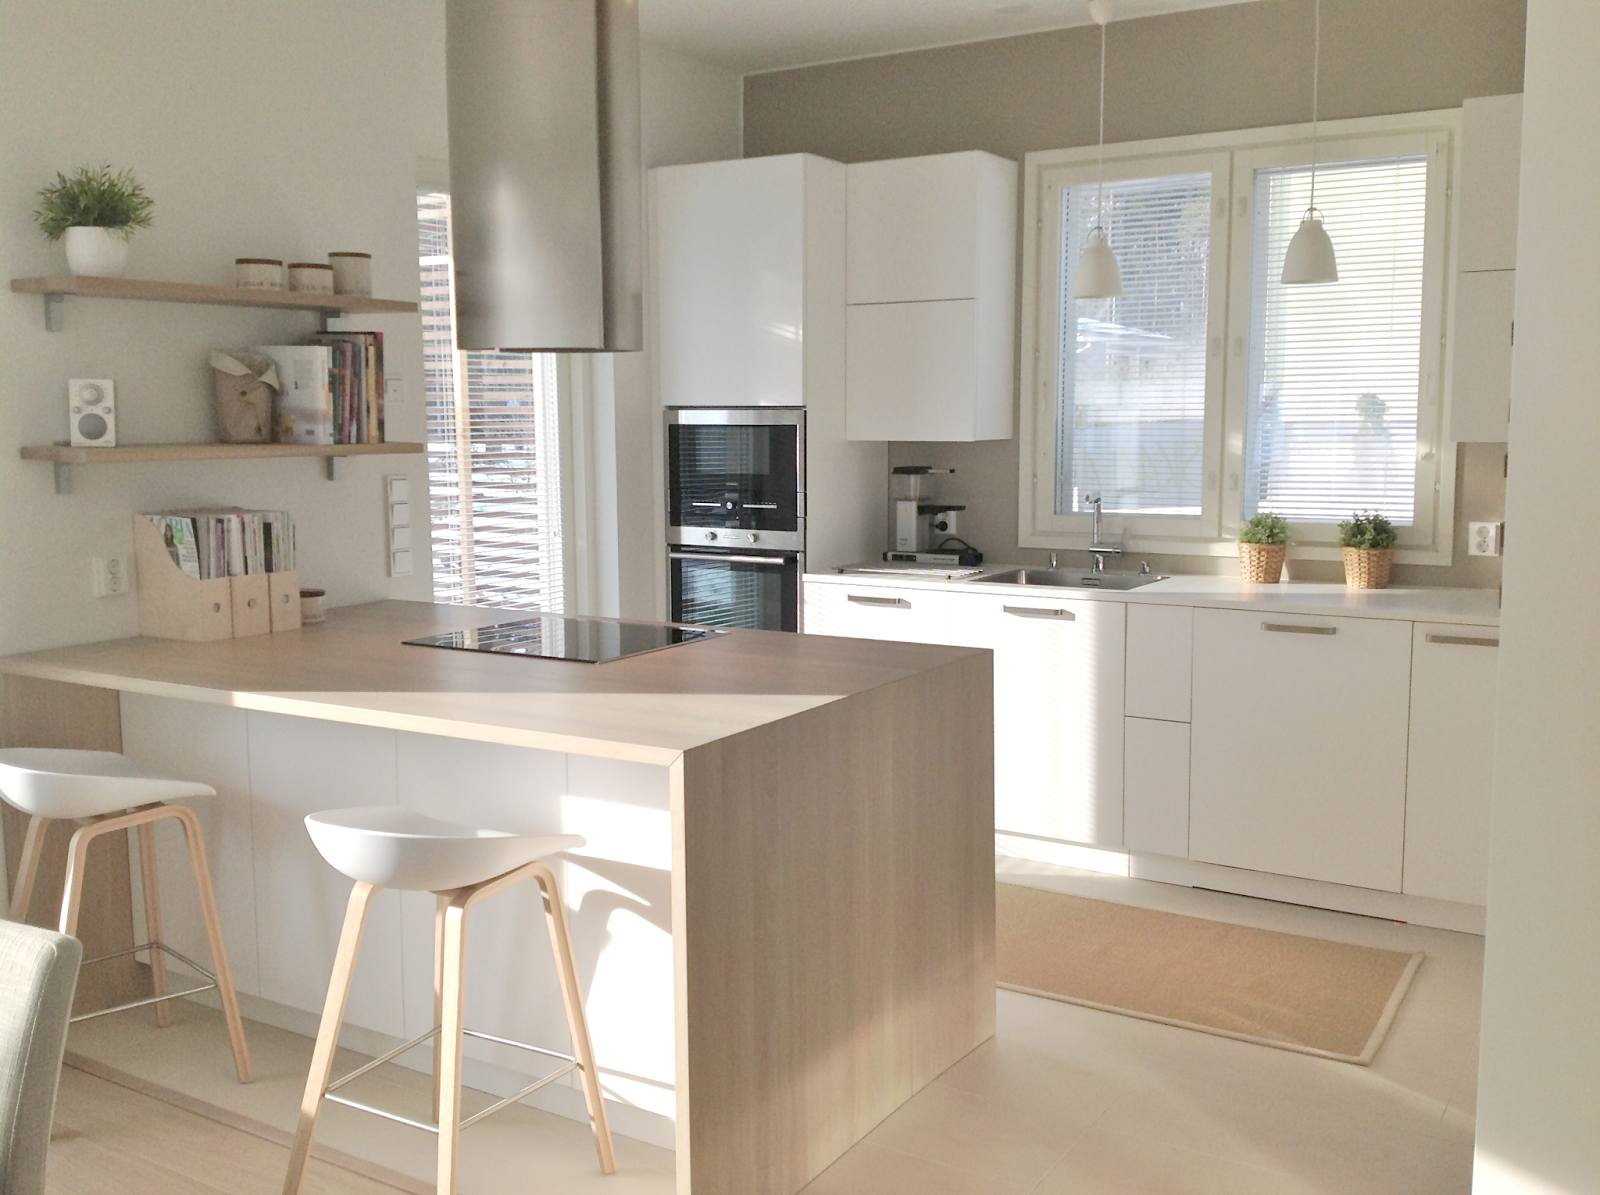 keittiön saareke, keittiön niemeke, keittiön suunnittelu, avokeittiö, seurust